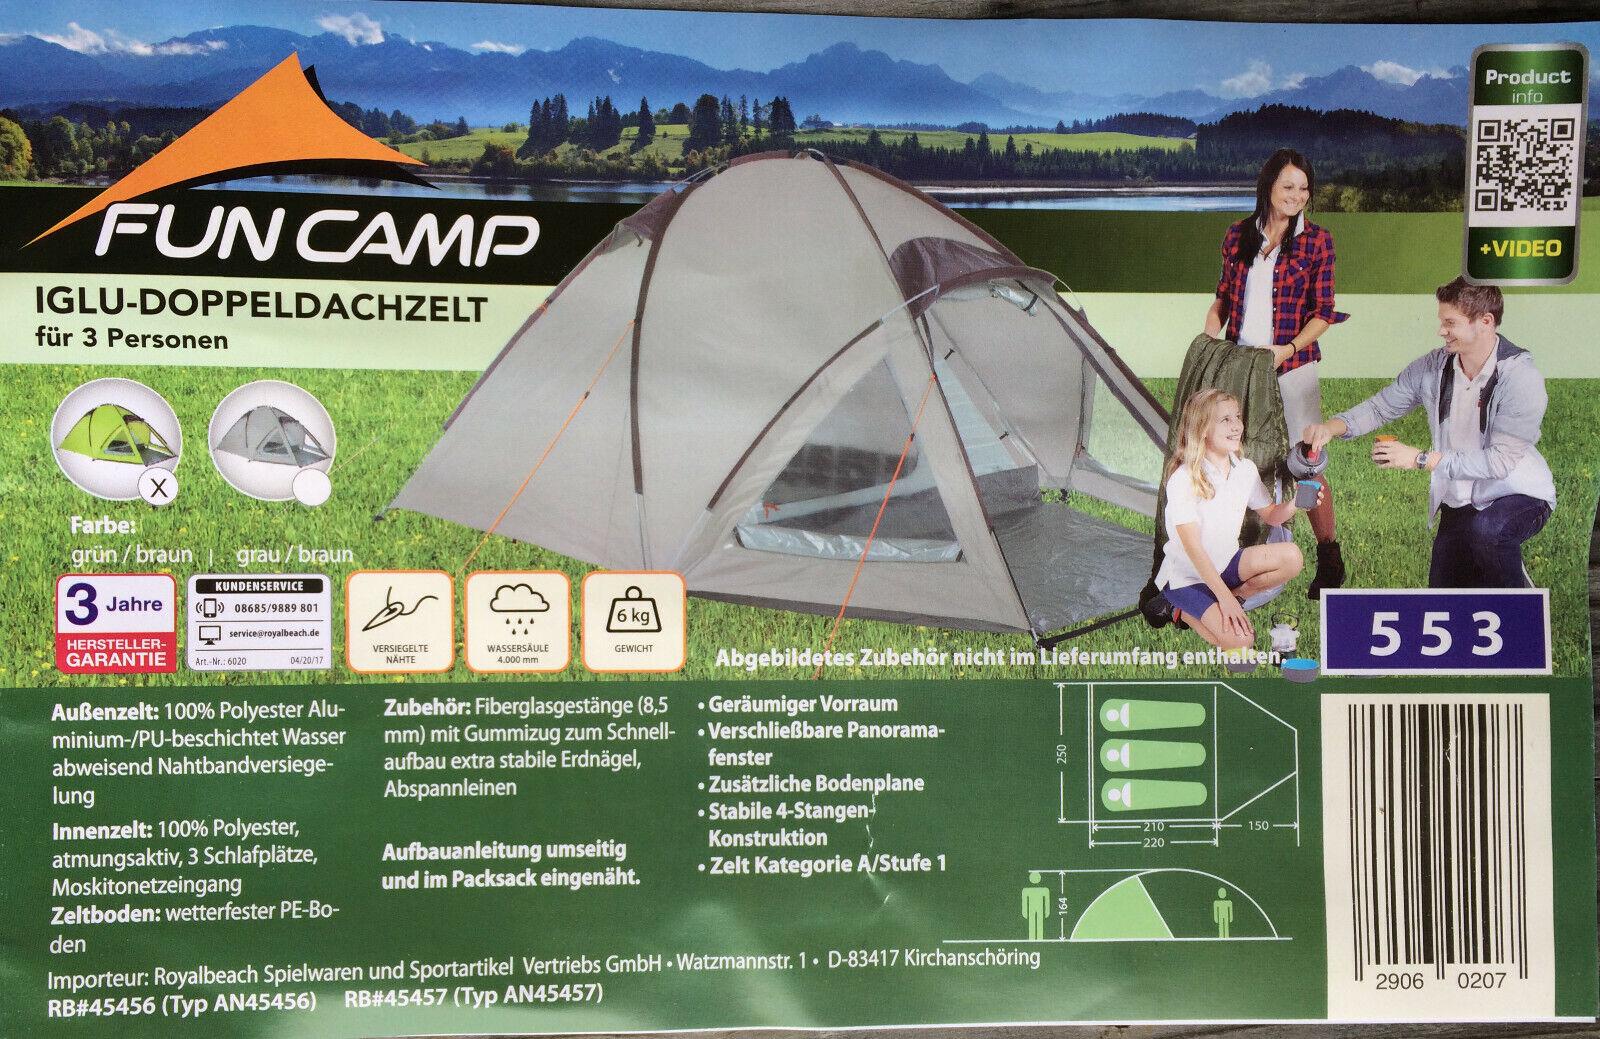 3 Personen Iglu-Doppeldach,  testbar bei Camping-Stadler am Waginger-See